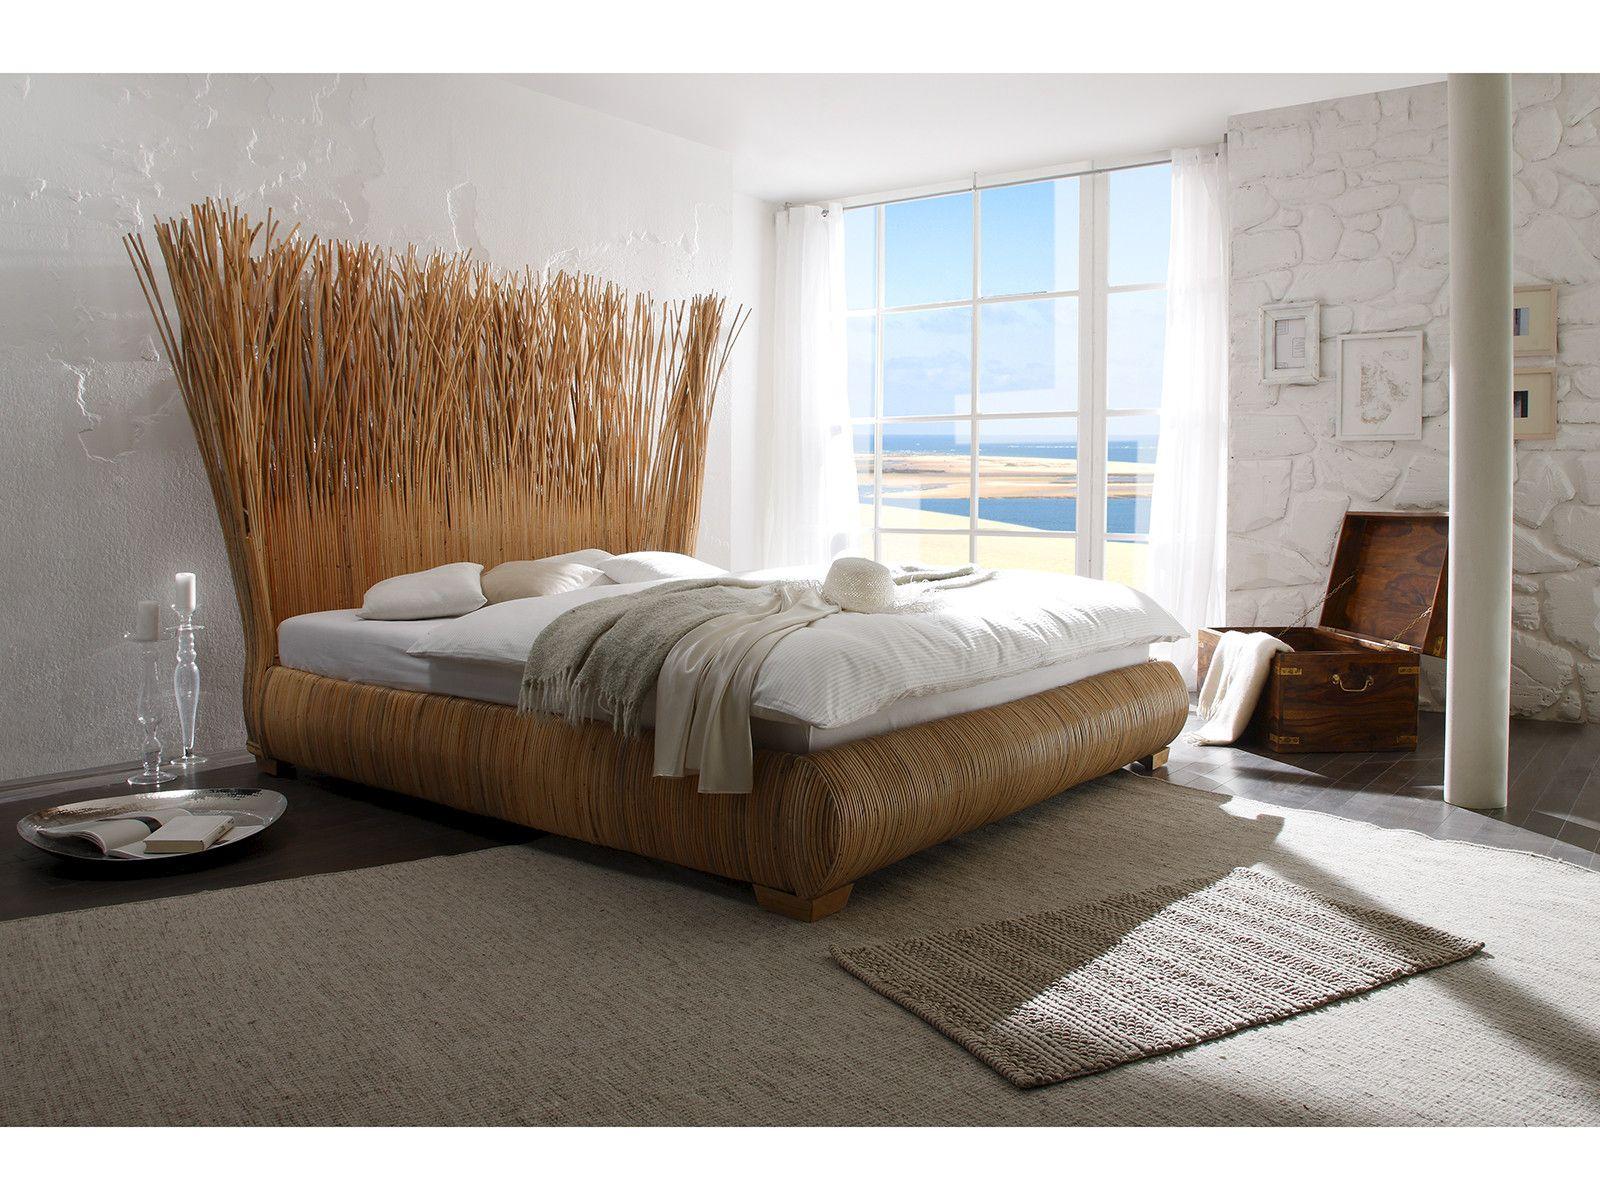 Schlafzimmer Bremen ~ Schlafzimmer mit Überbau neu genial schlafzimmer Überbau genial